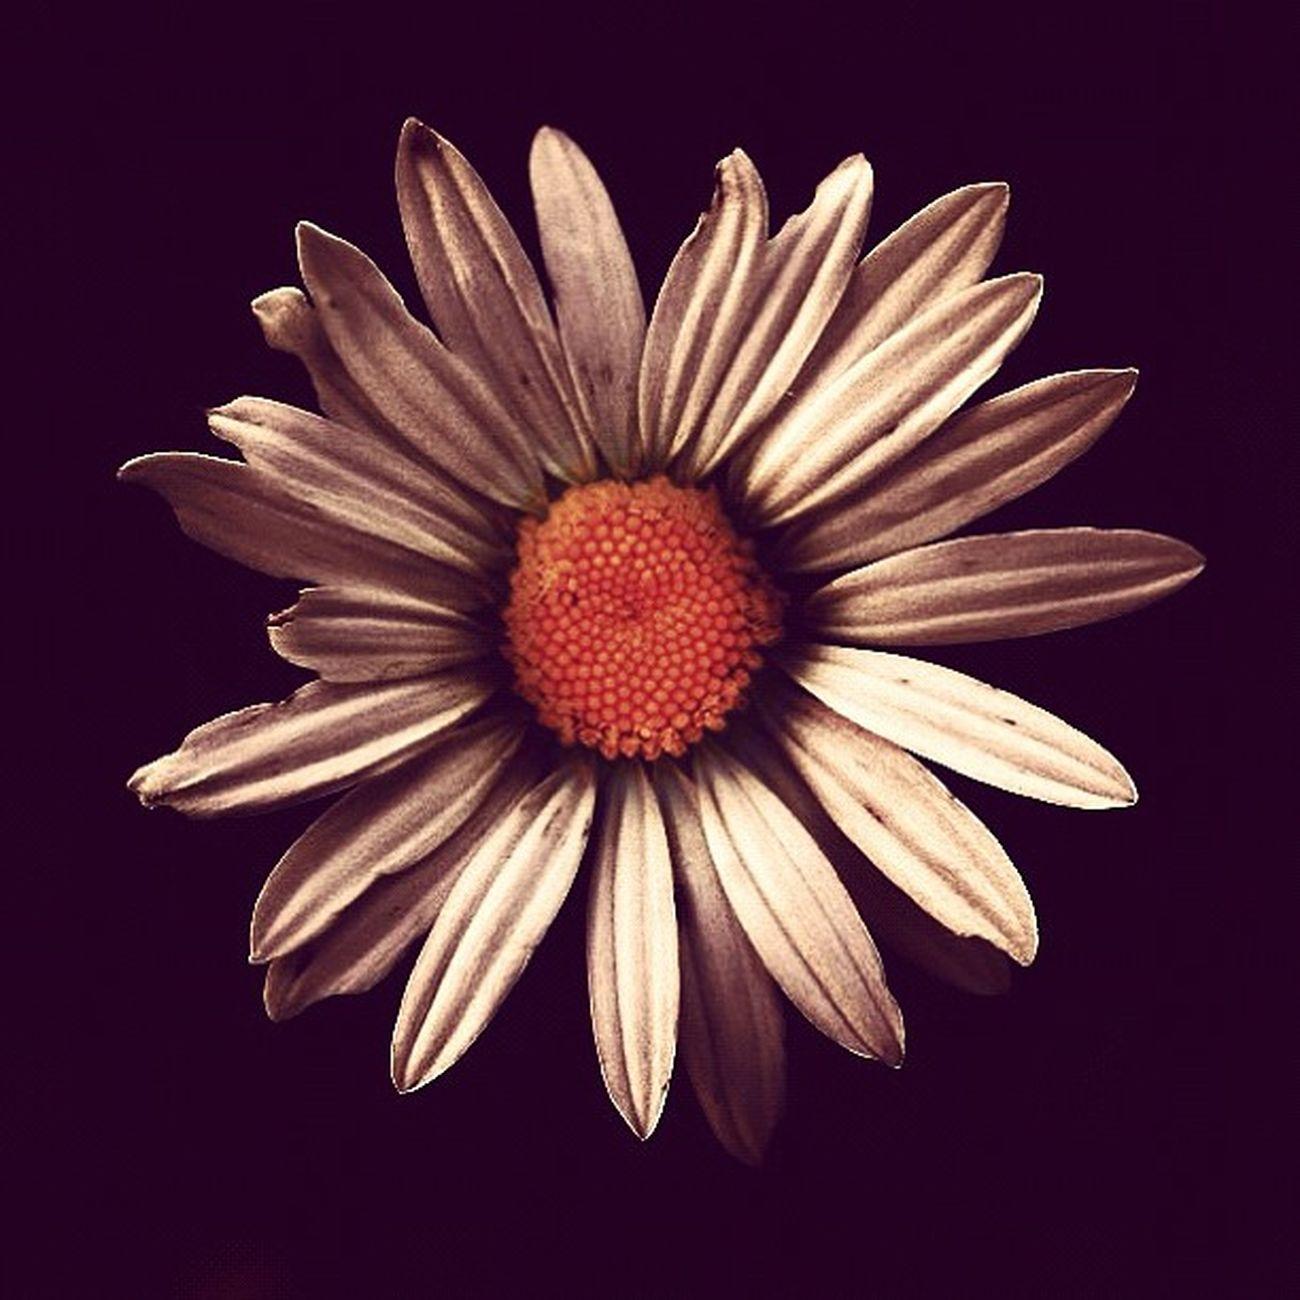 Flower Saskatchewan Saskatoon Omgcoolflowersweetlol